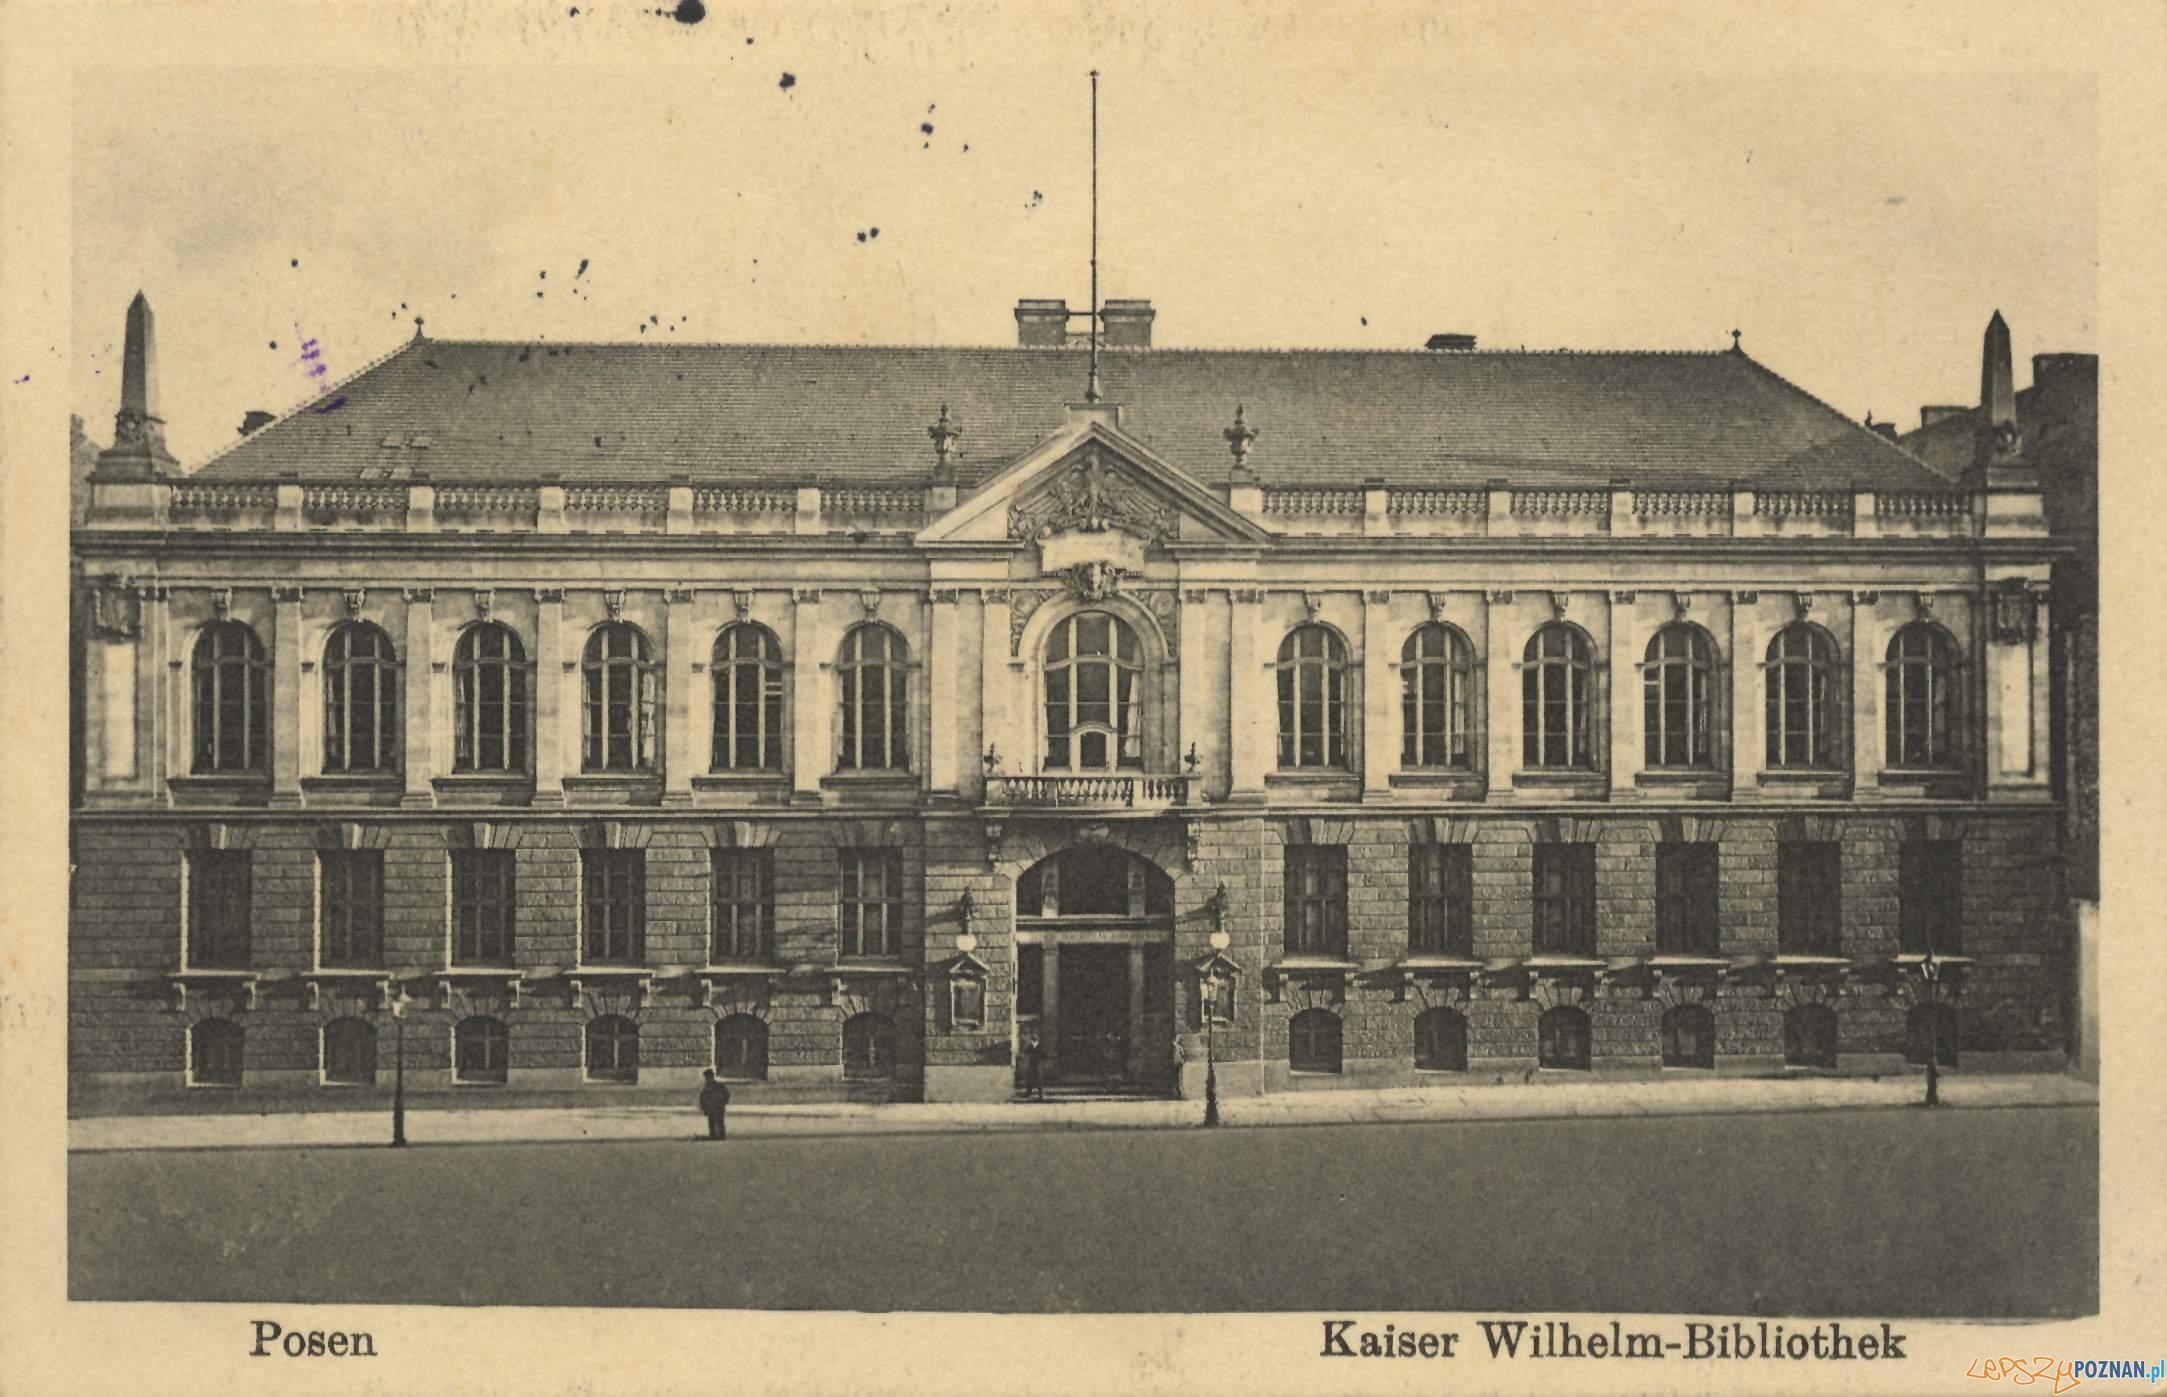 Kaiser Wilhelm Bibliothek